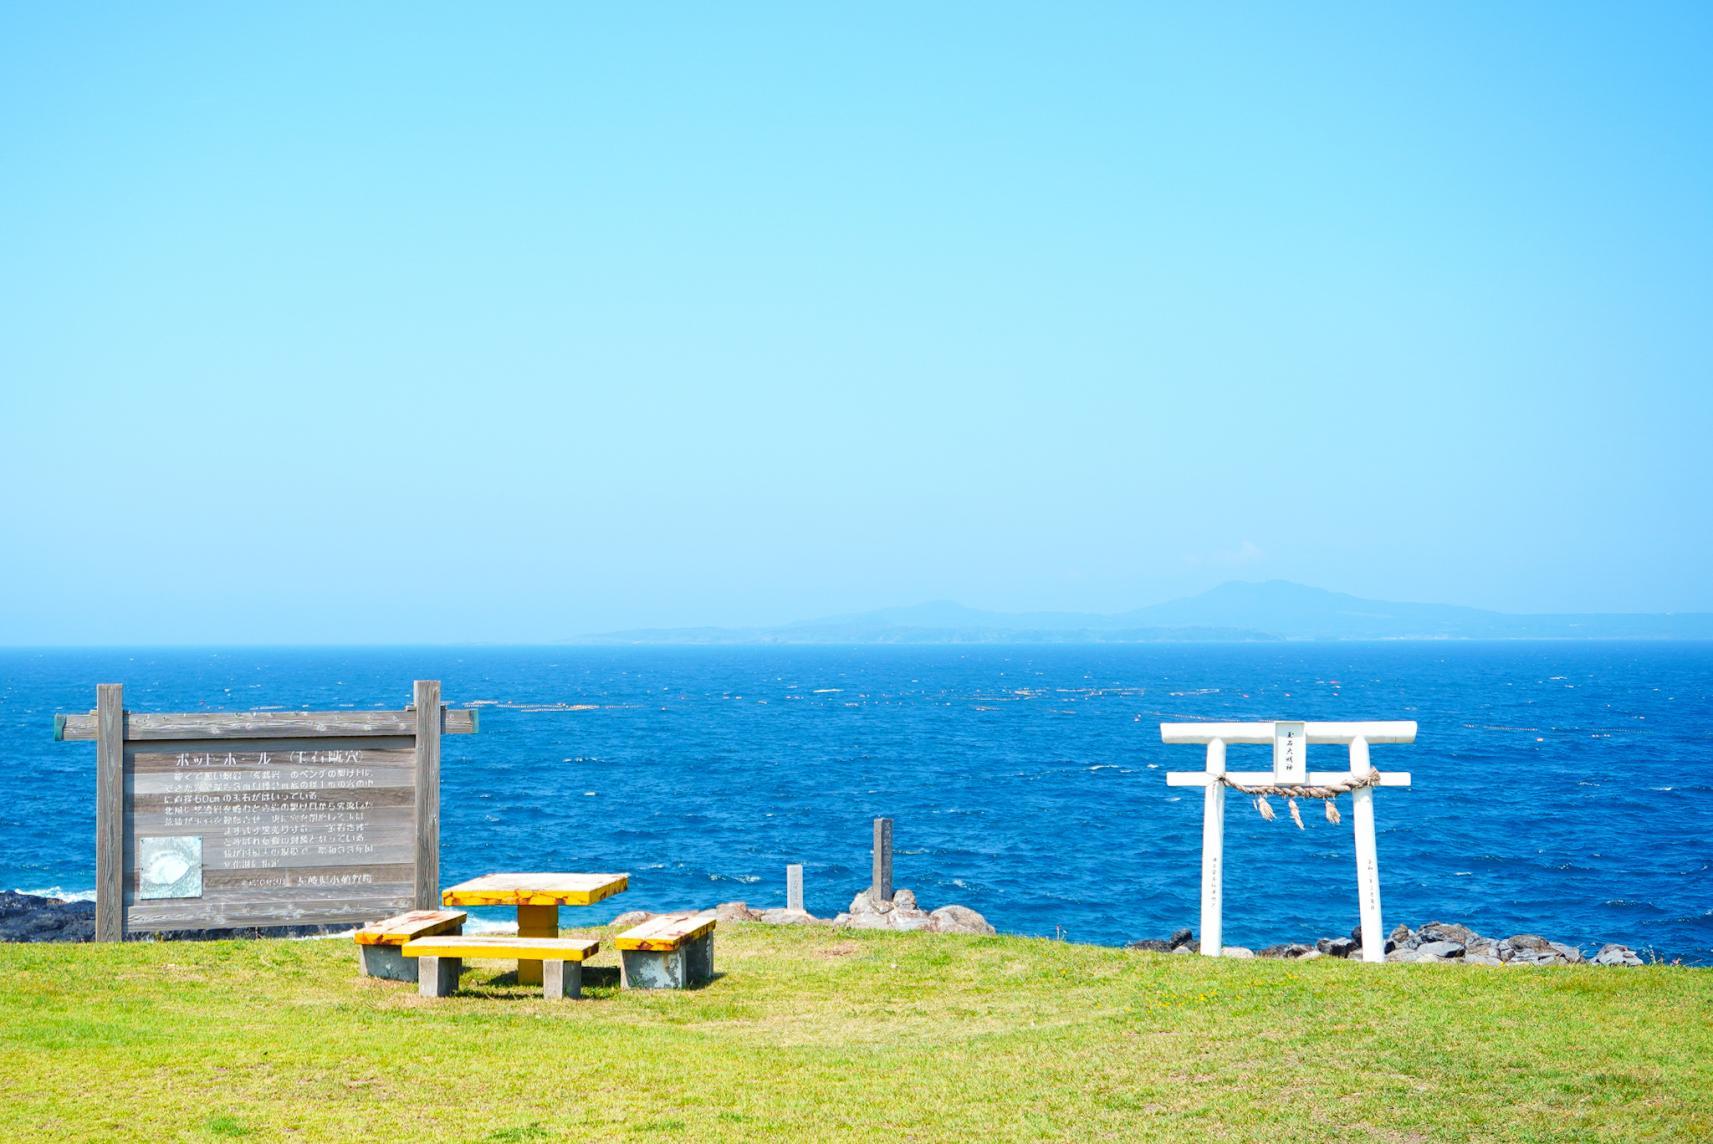 五島列島の小さなオアシス!小値賀へ絶景しま旅リトリート!-3